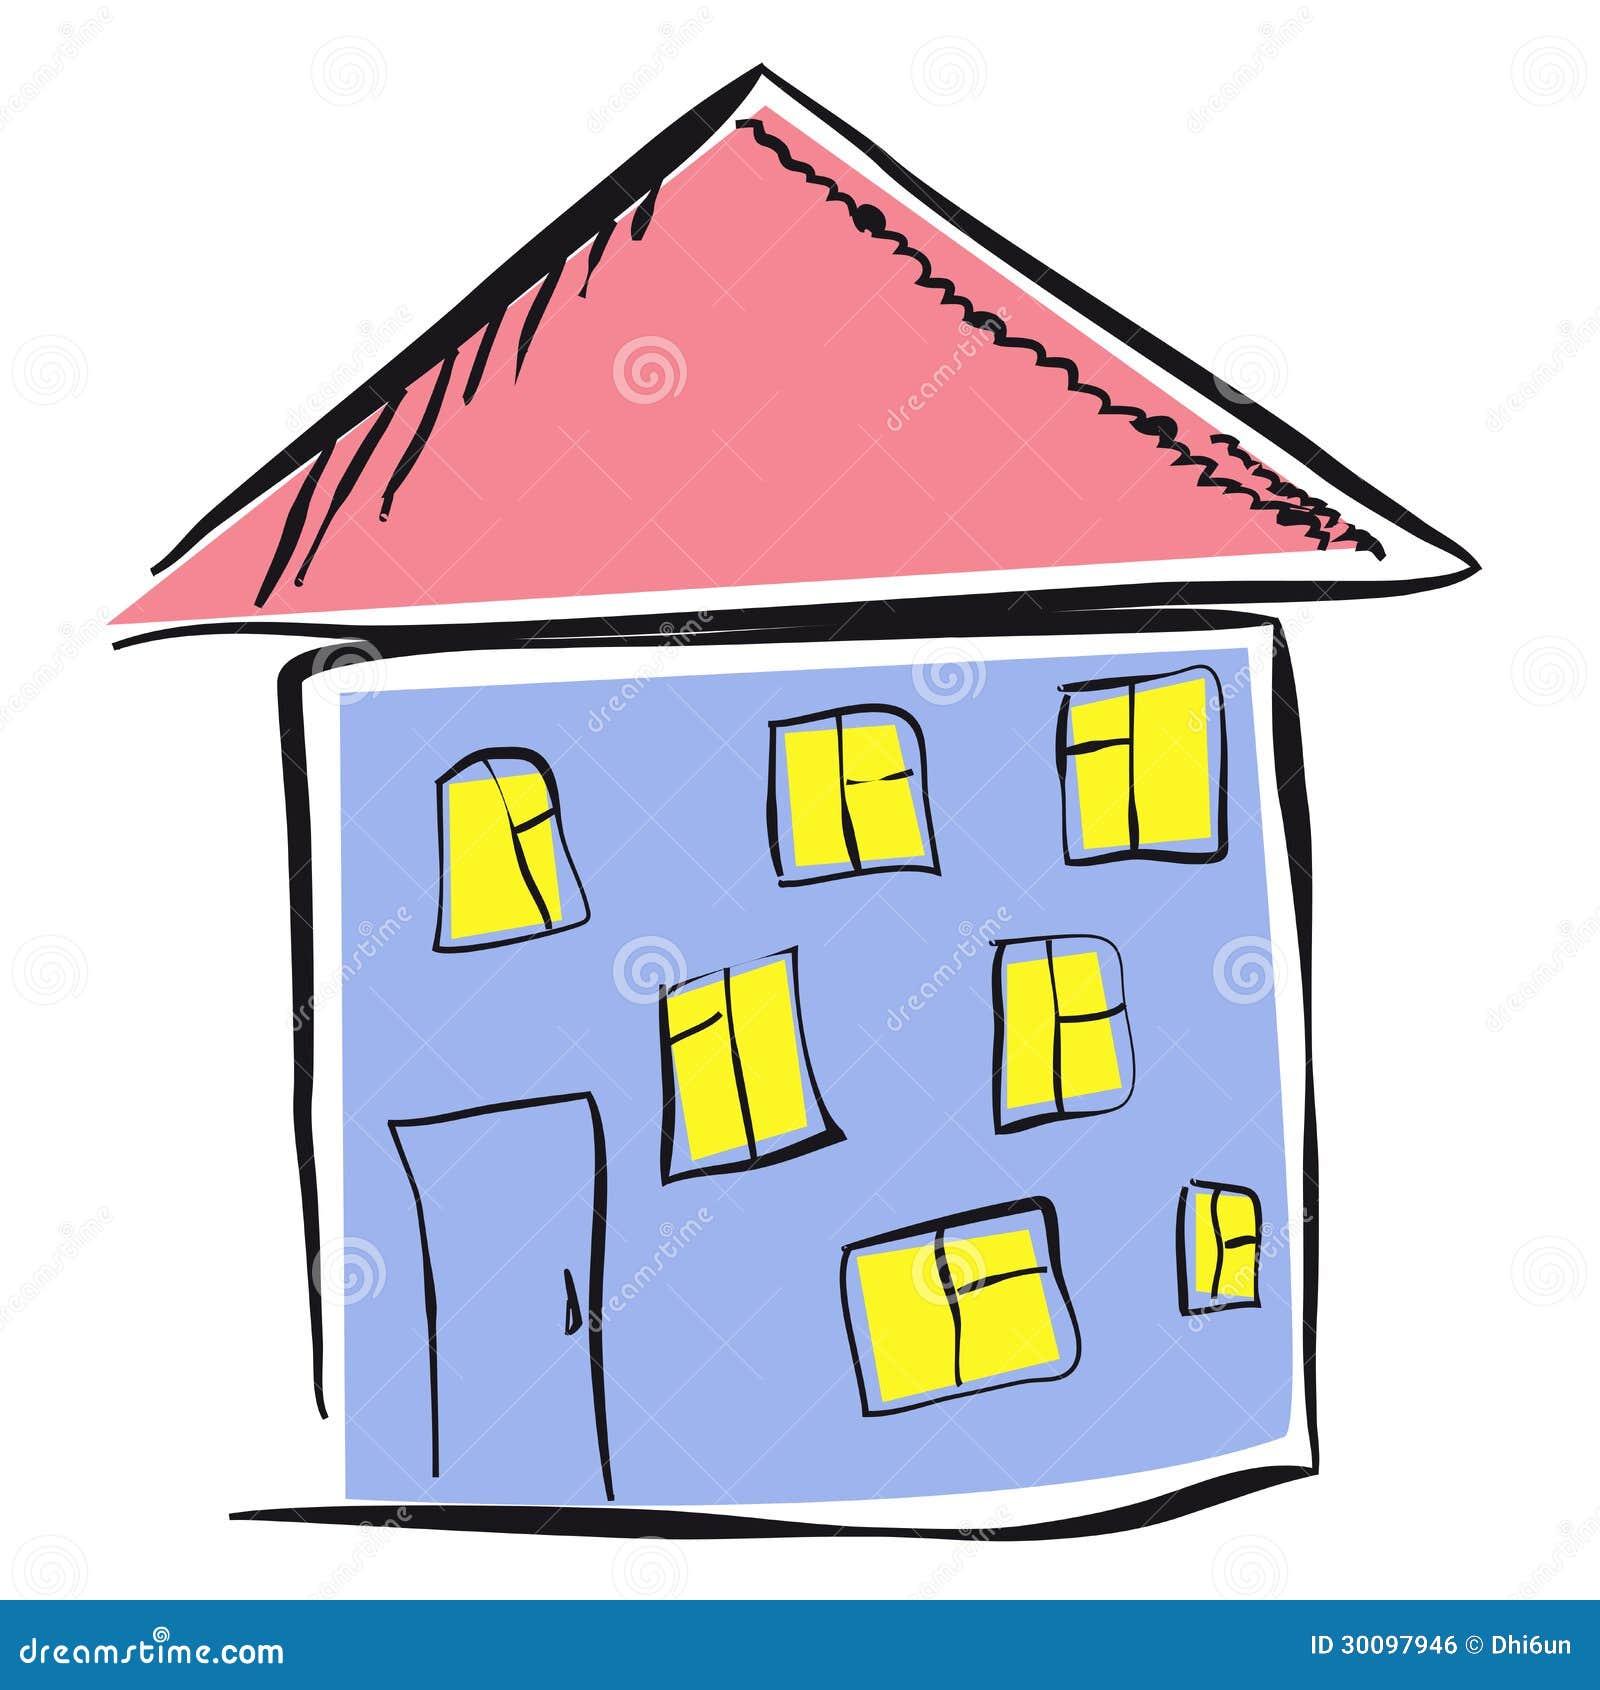 Le dessin de l 39 enfant d 39 une maison image libre de droits image 300 - Maison dessin enfant ...